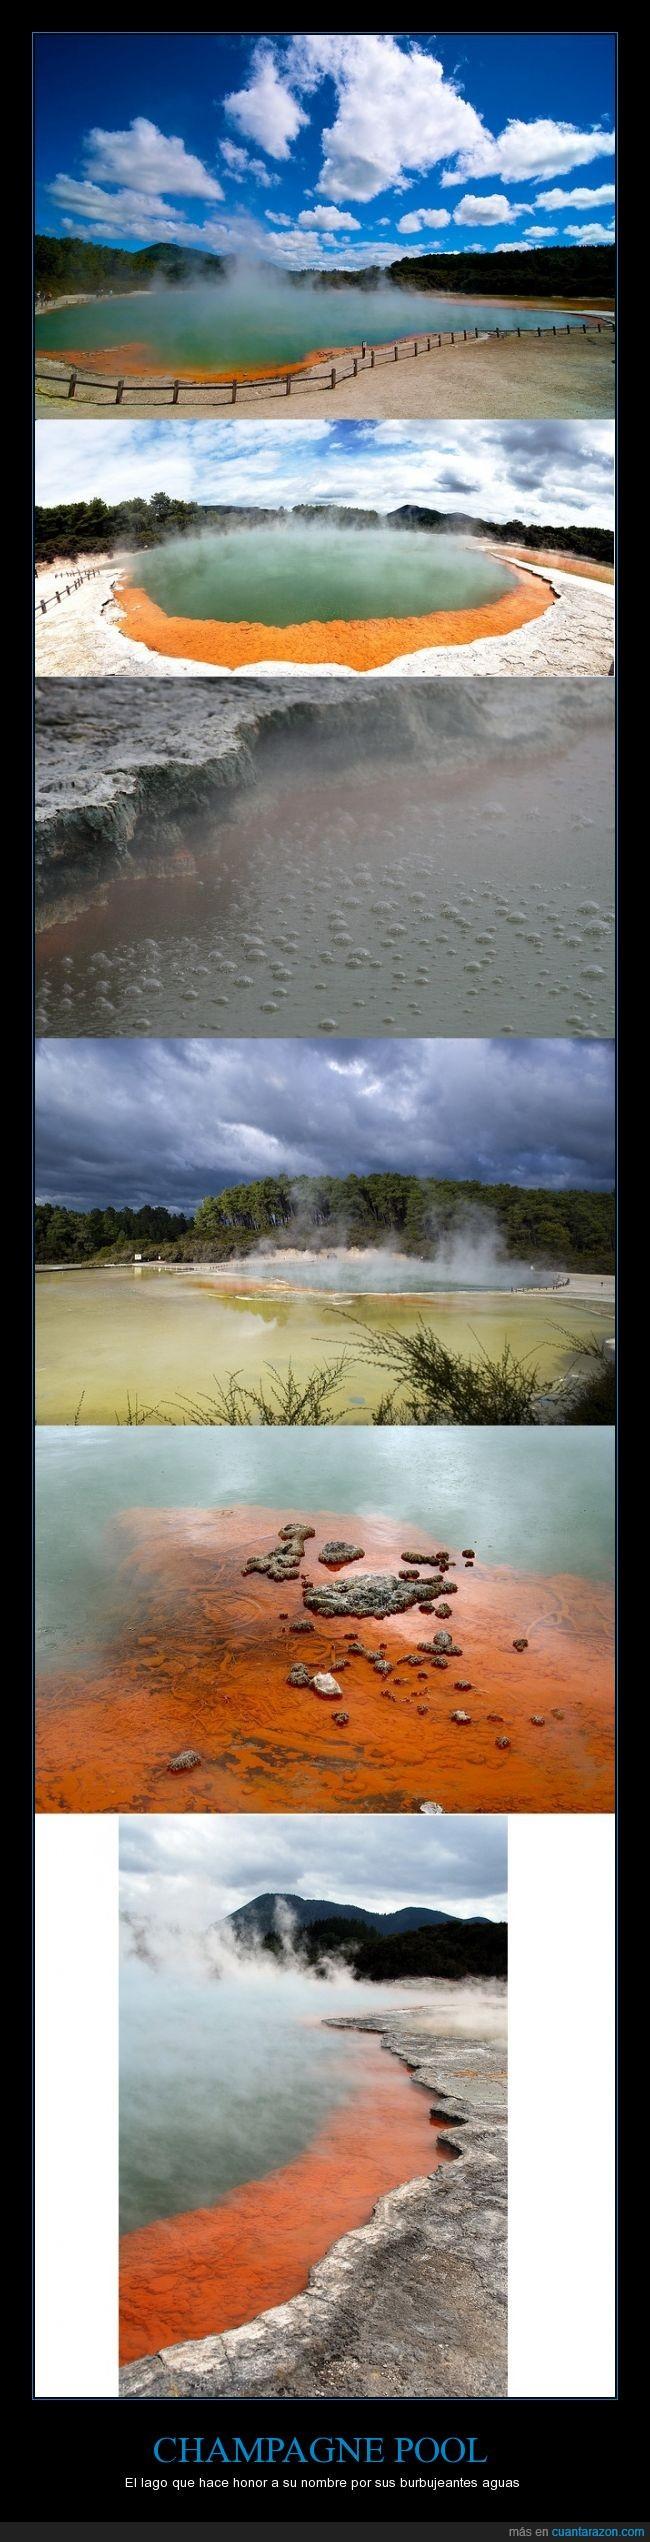 altos compuestos de arsénico y antimonio,bonito,lago,naturaleza,Nueva Zelanda,piscina de champagne,Wai-O-Tapu